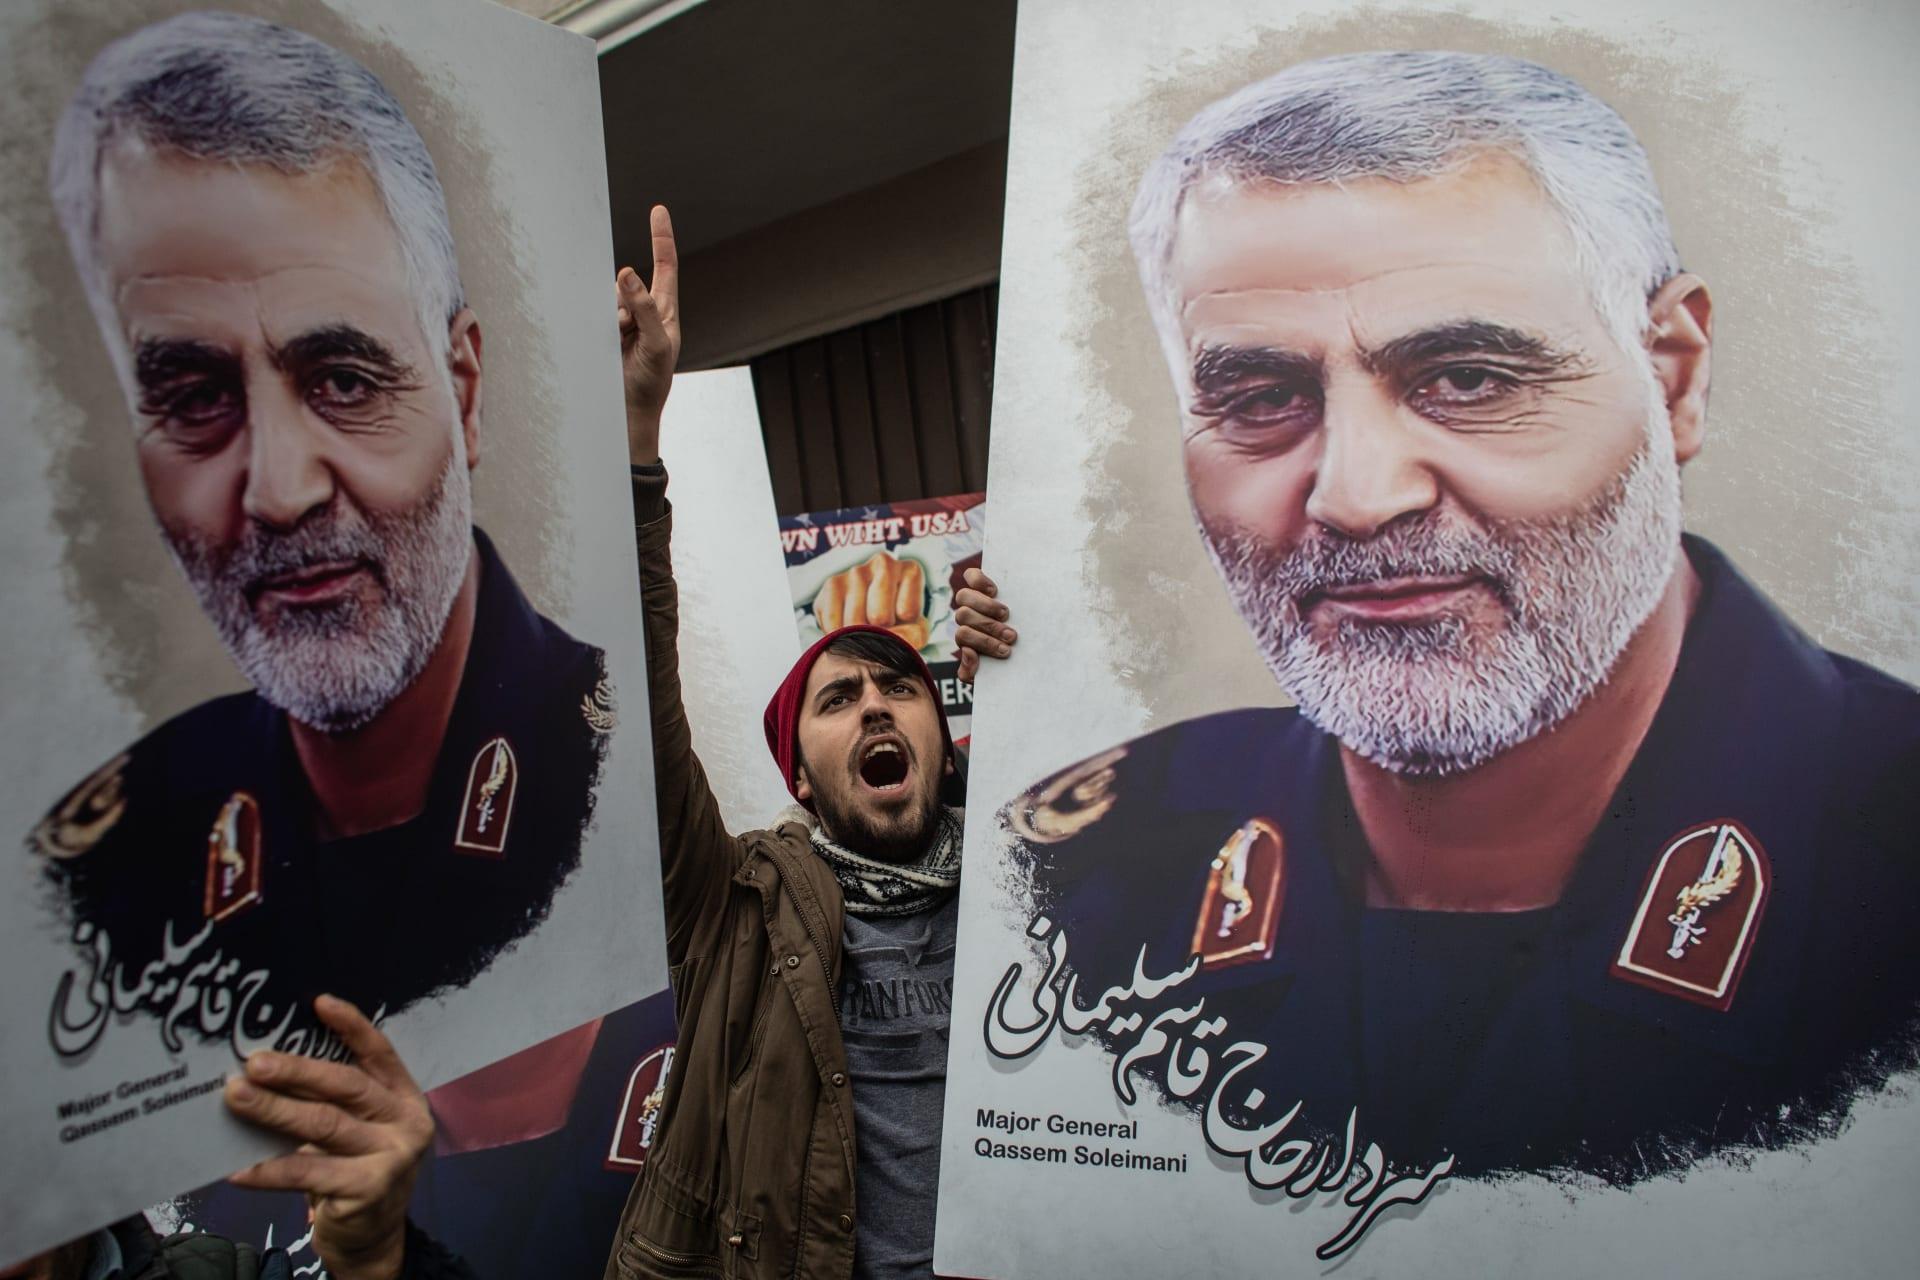 مع اقتراب ذكرى مقتله.. فيديو تعليق صور قاسم سليماني في البرلمان العراقي تُير جدلا واسعا